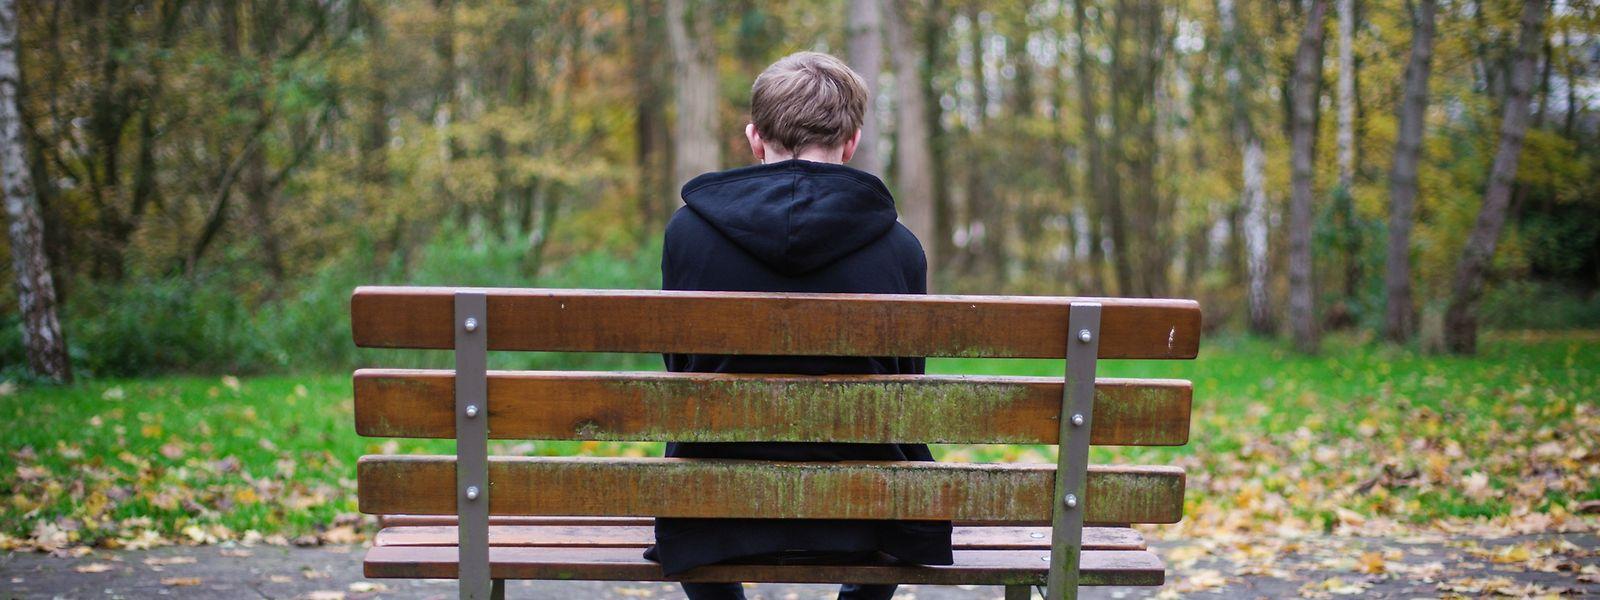 Viele psychisch kranke Menschen fühlen sich ausgegrenzt und haben mit Einsamkeit zu kämpfen.